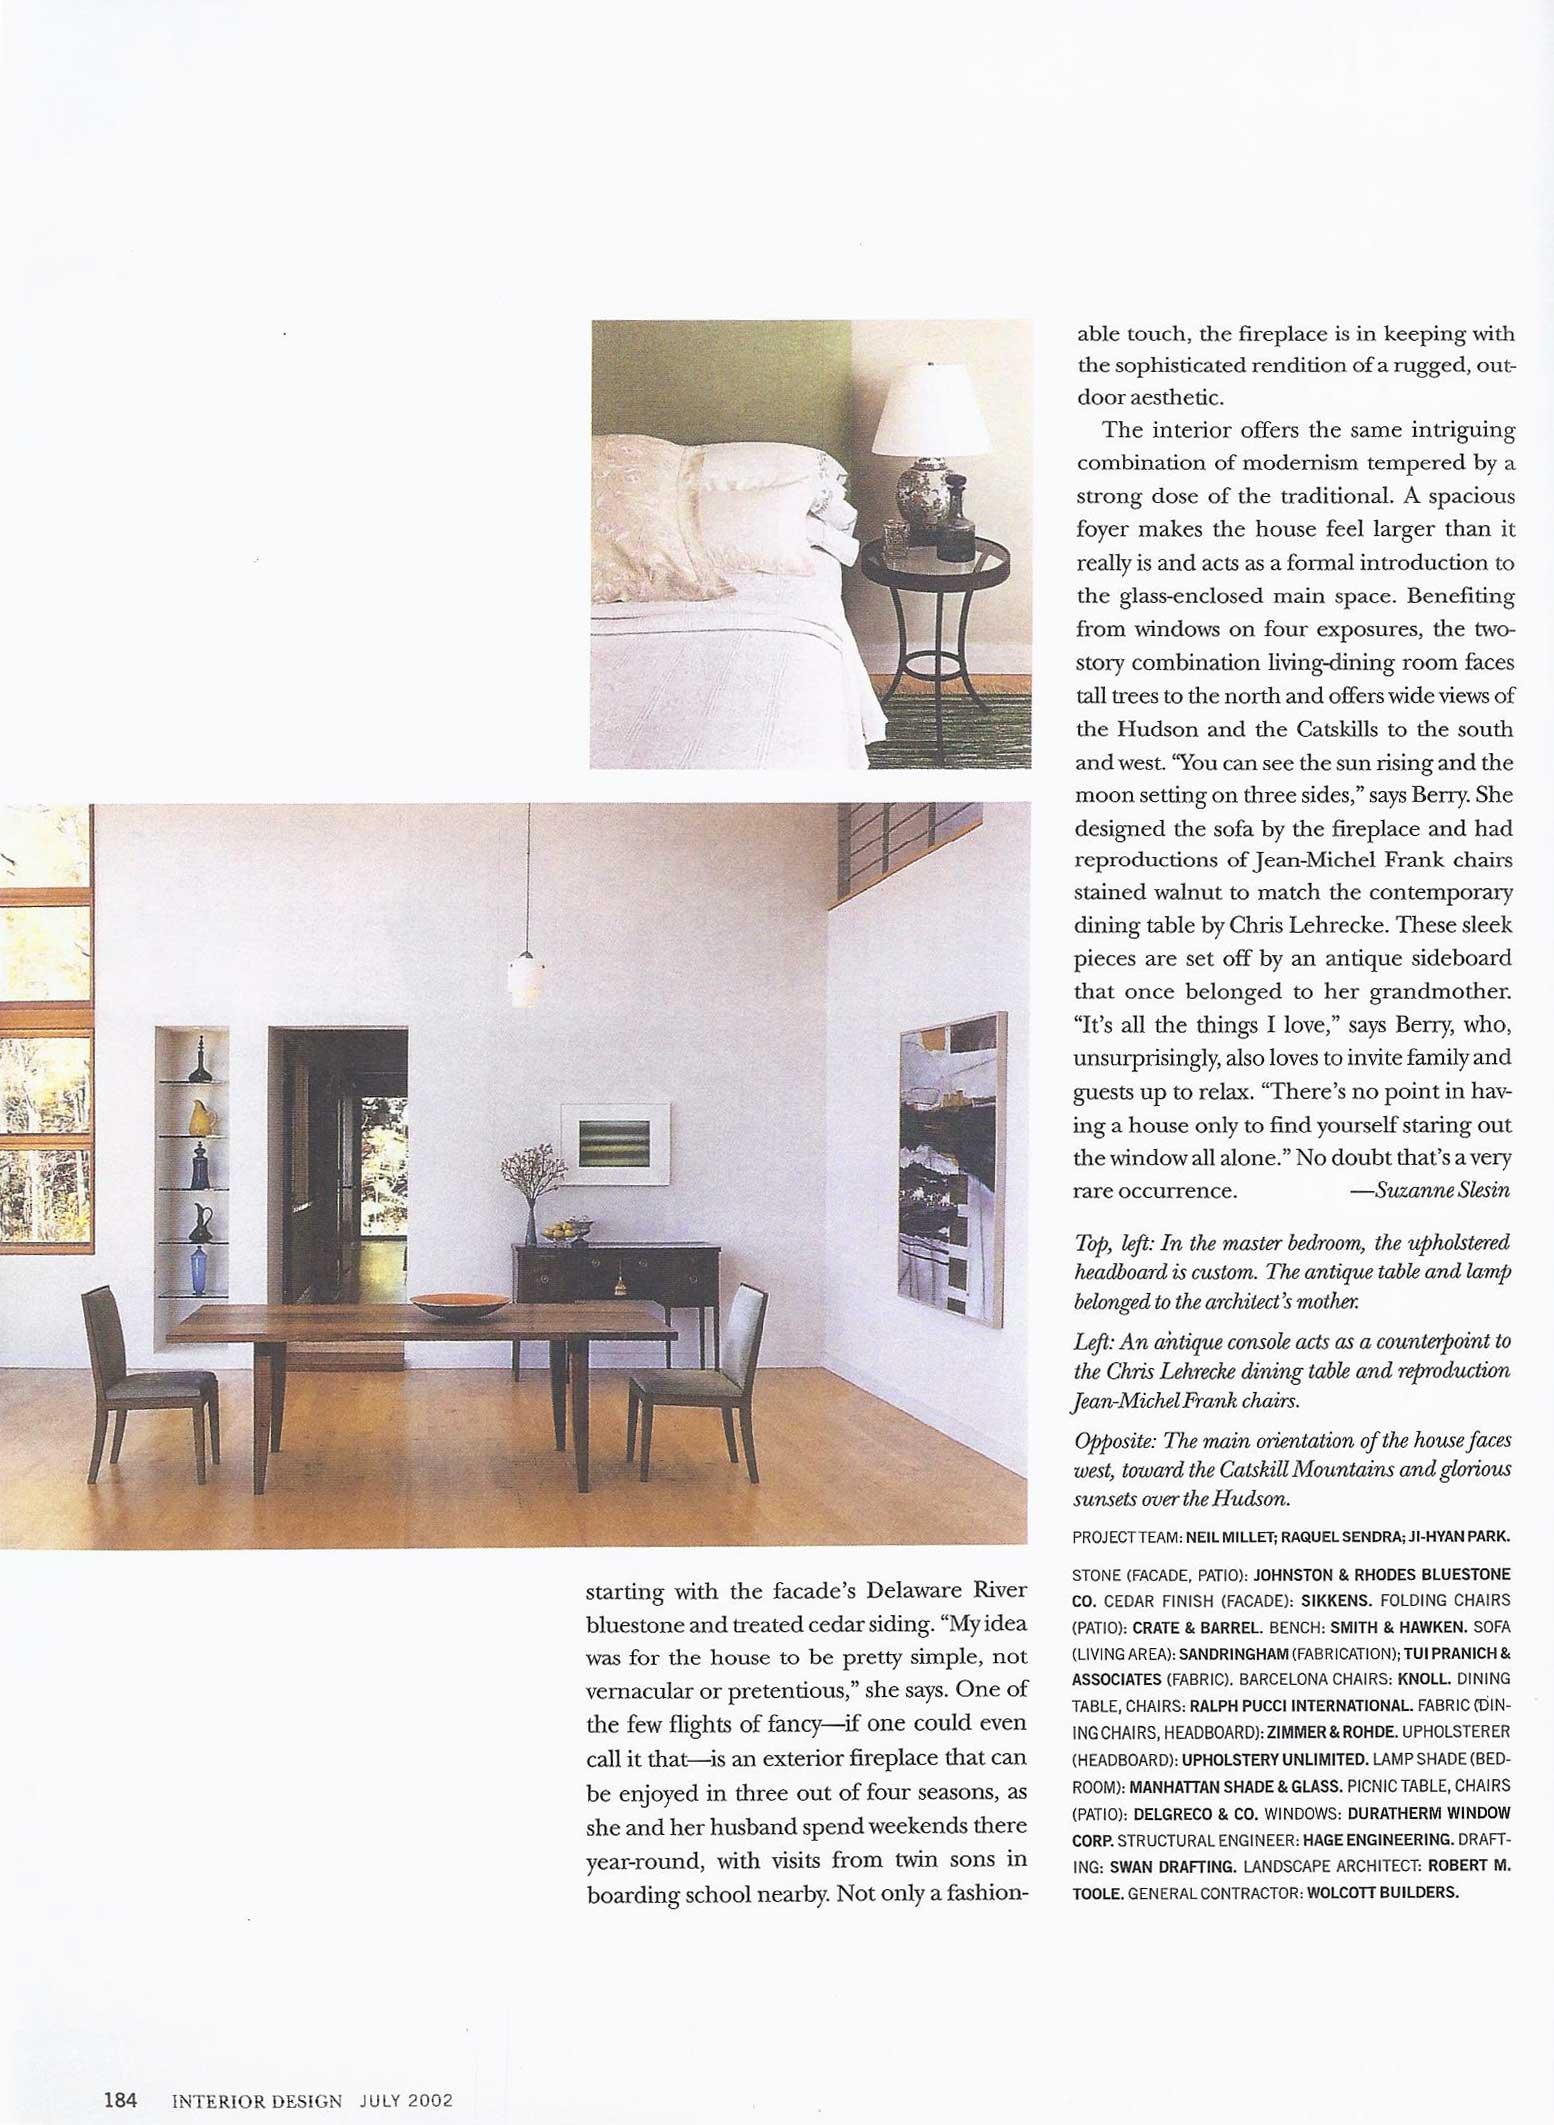 Interior-Design-Article-5.jpg